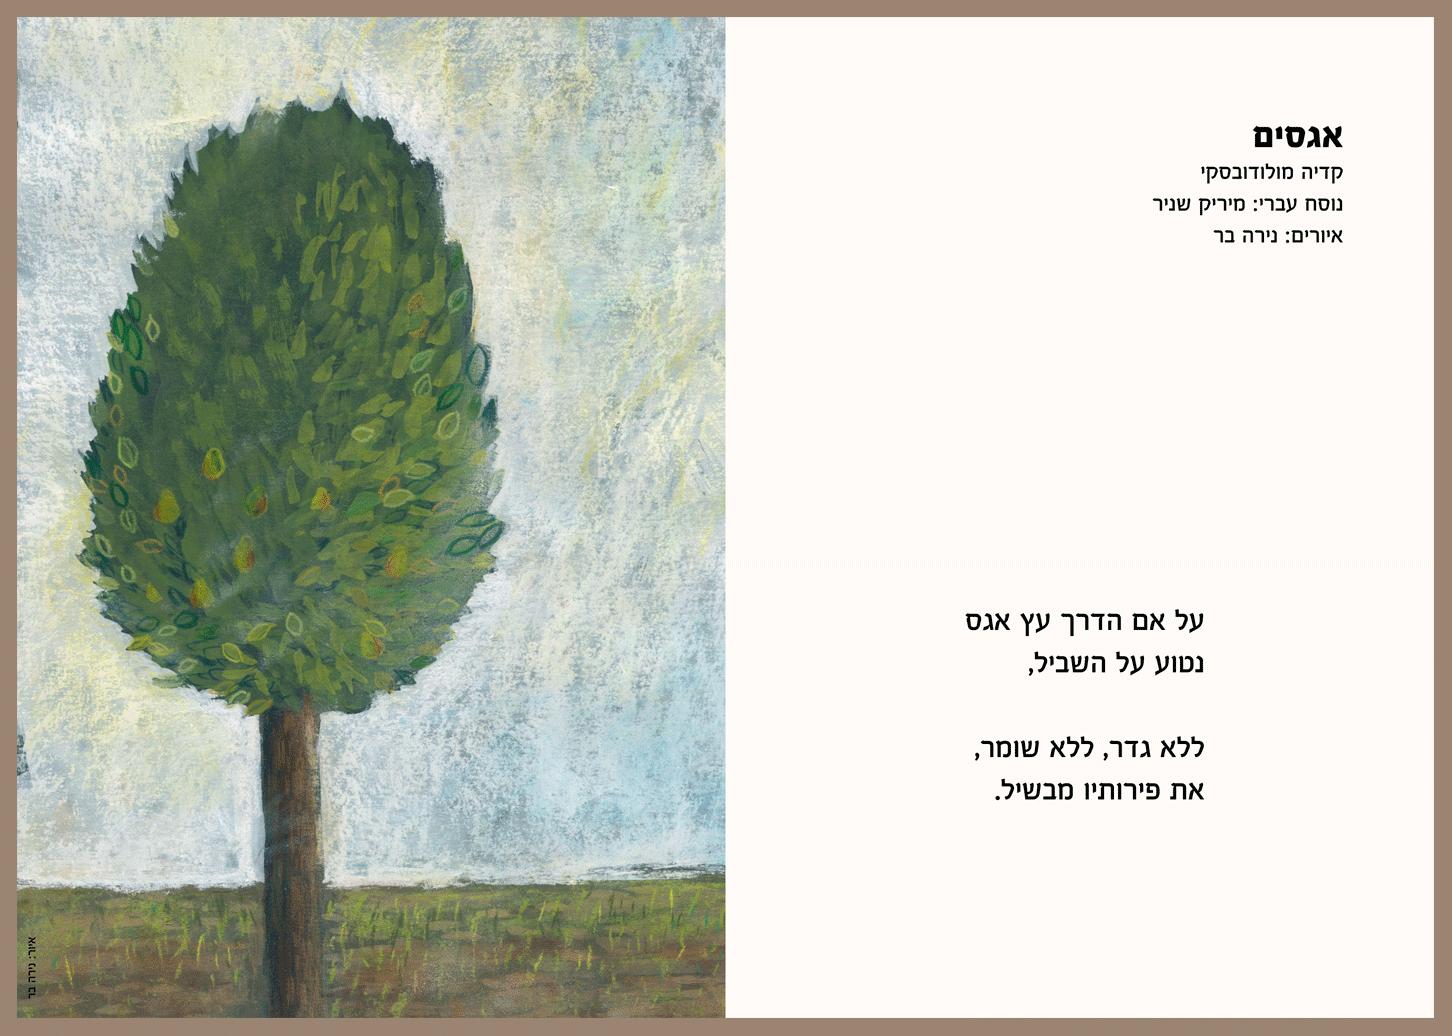 אגסים איור שיר(1)Pears poem